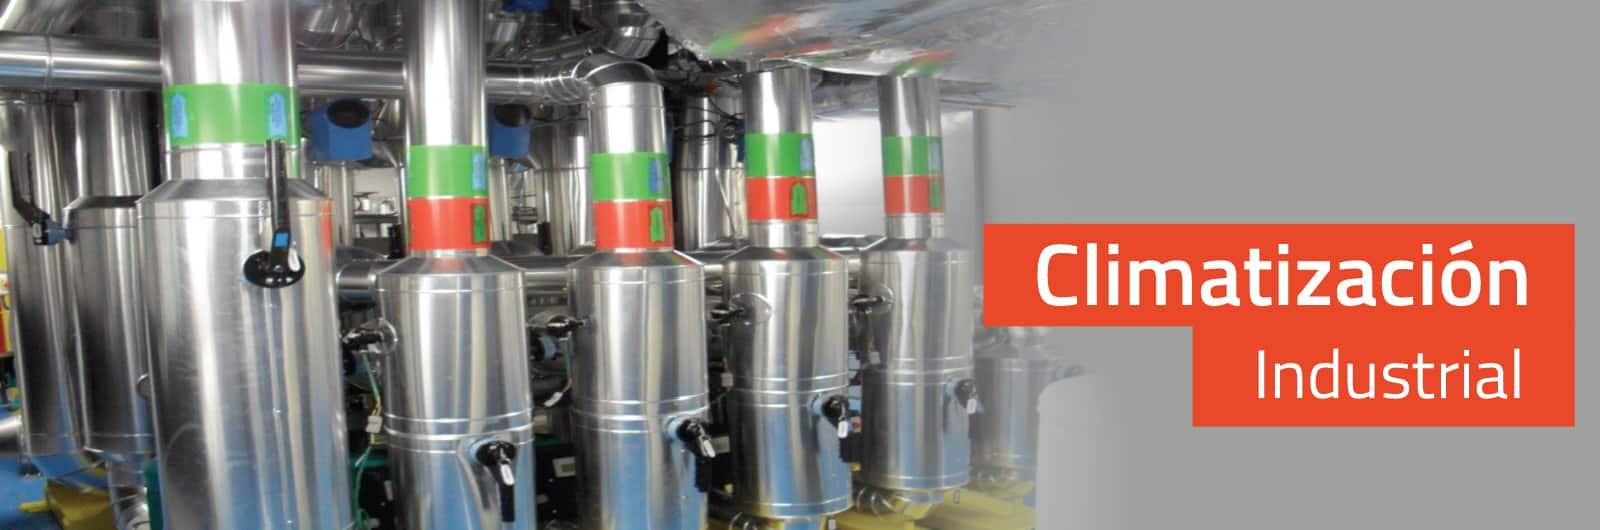 climatizacion-industrial-empresa-instalacion-madrid